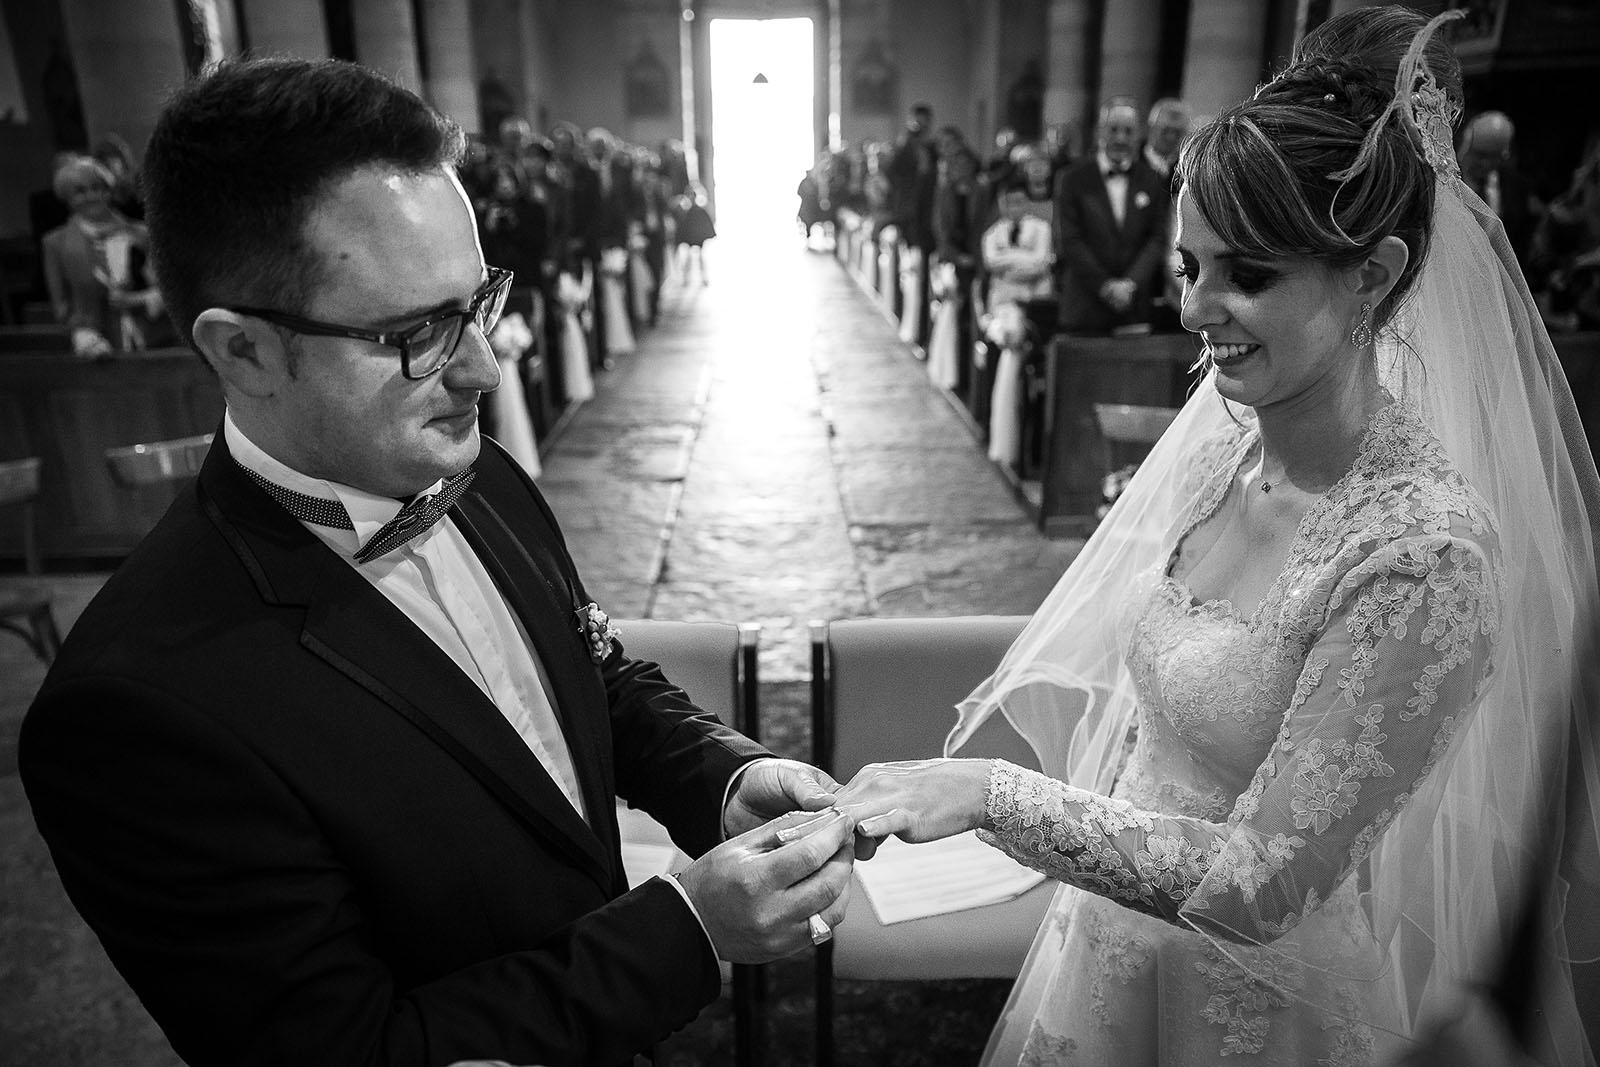 photographe de mariage chalon sur sane echange des alliances photo ralise par castille - Photographe Mariage Chalon Sur Saone